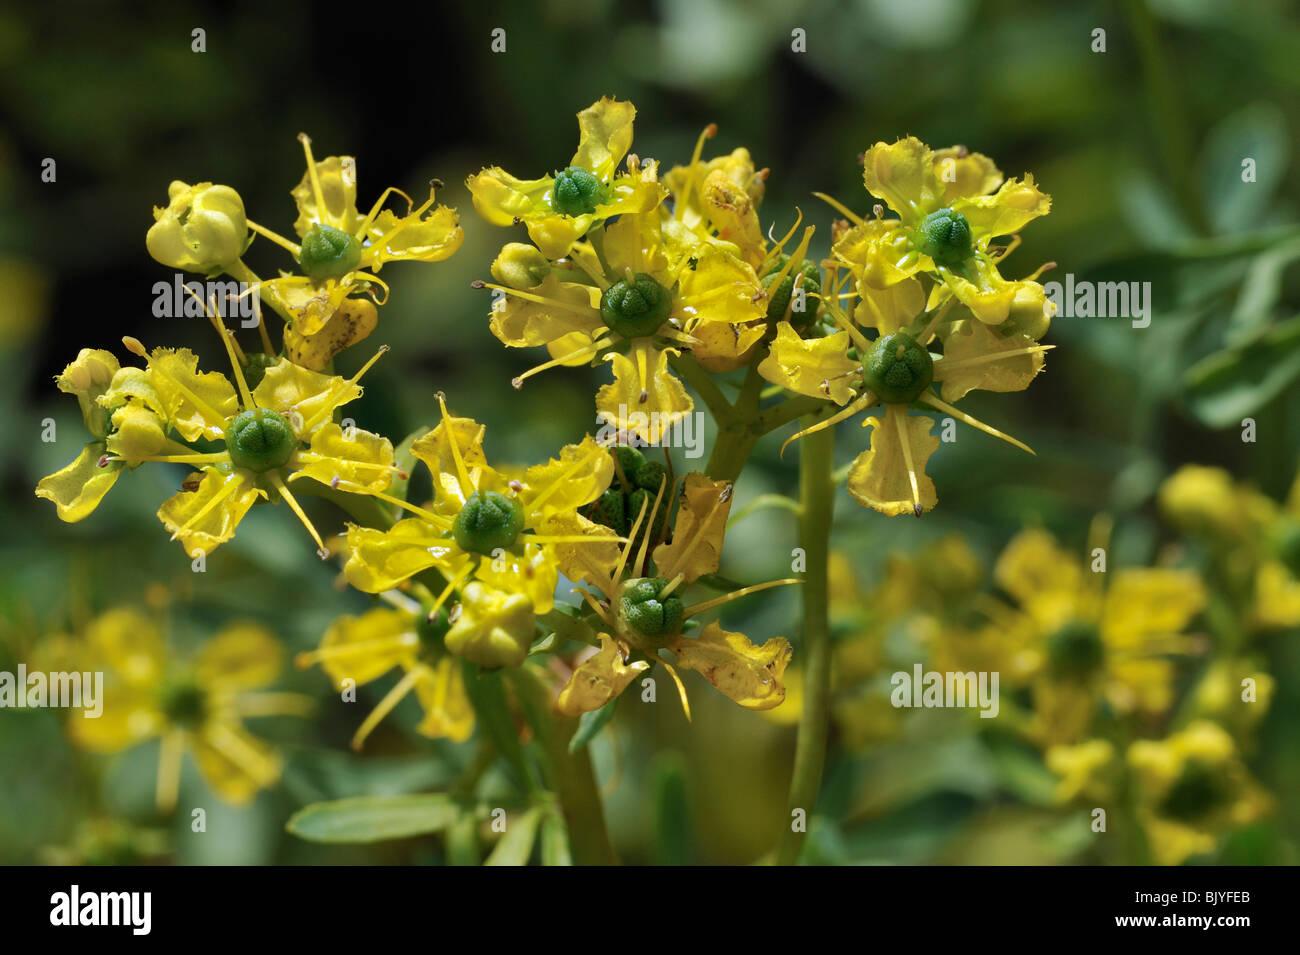 Common rue / Herb-of-grace (Ruta graveolens) in flower, Belgium - Stock Image